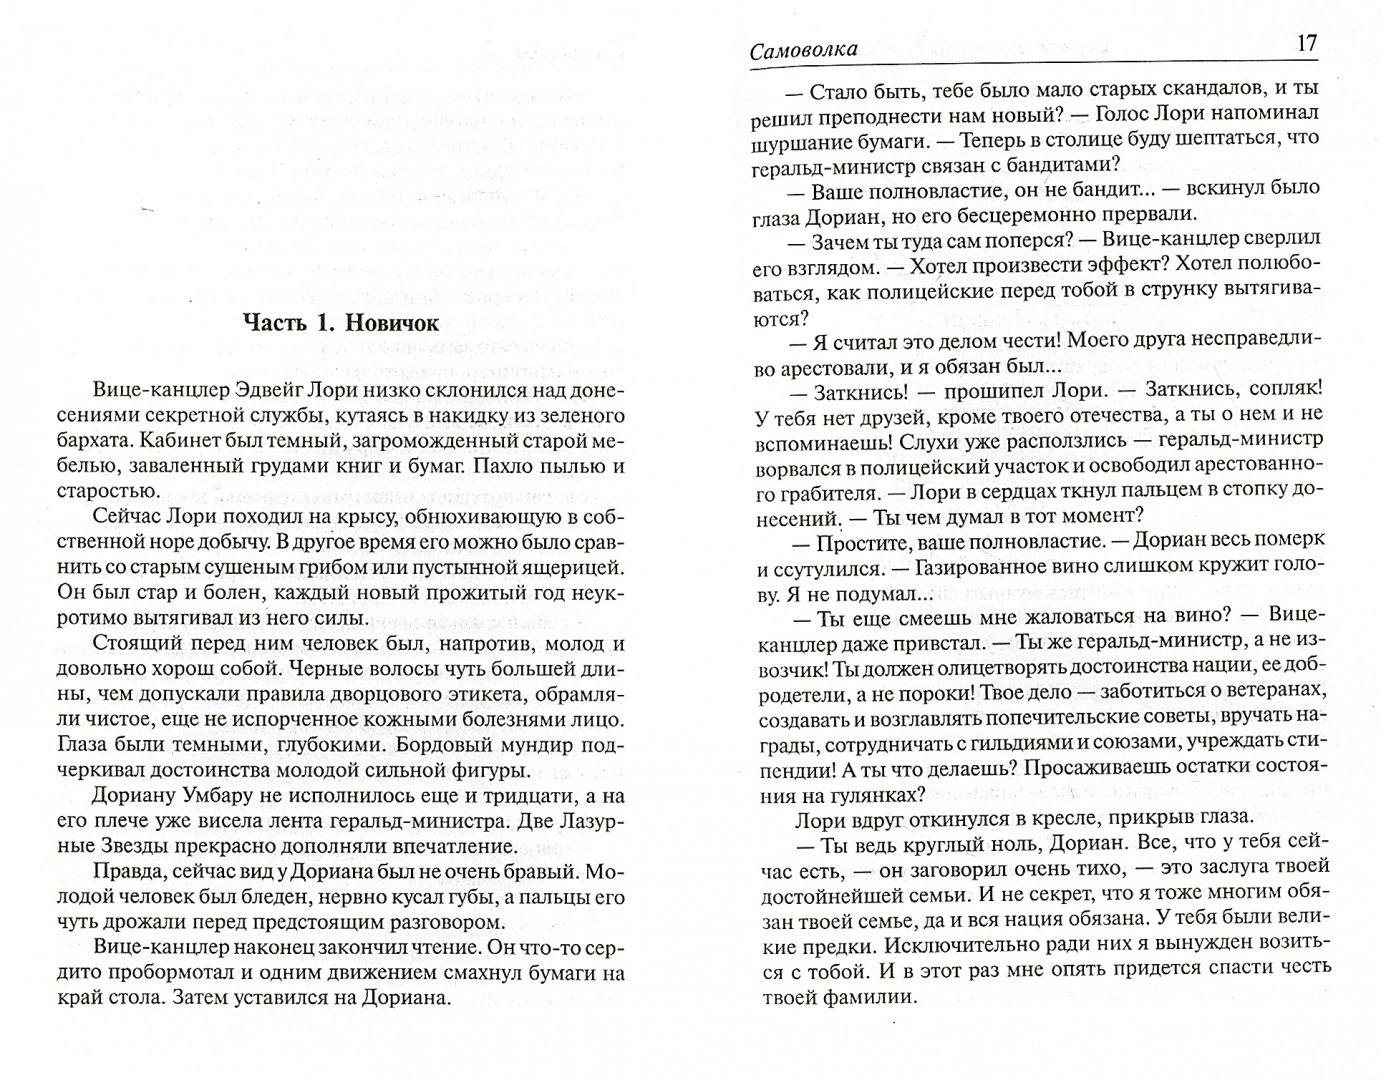 Иллюстрация 1 из 6 для Самоволка - Лукьяненко, Тырин   Лабиринт - книги. Источник: Лабиринт